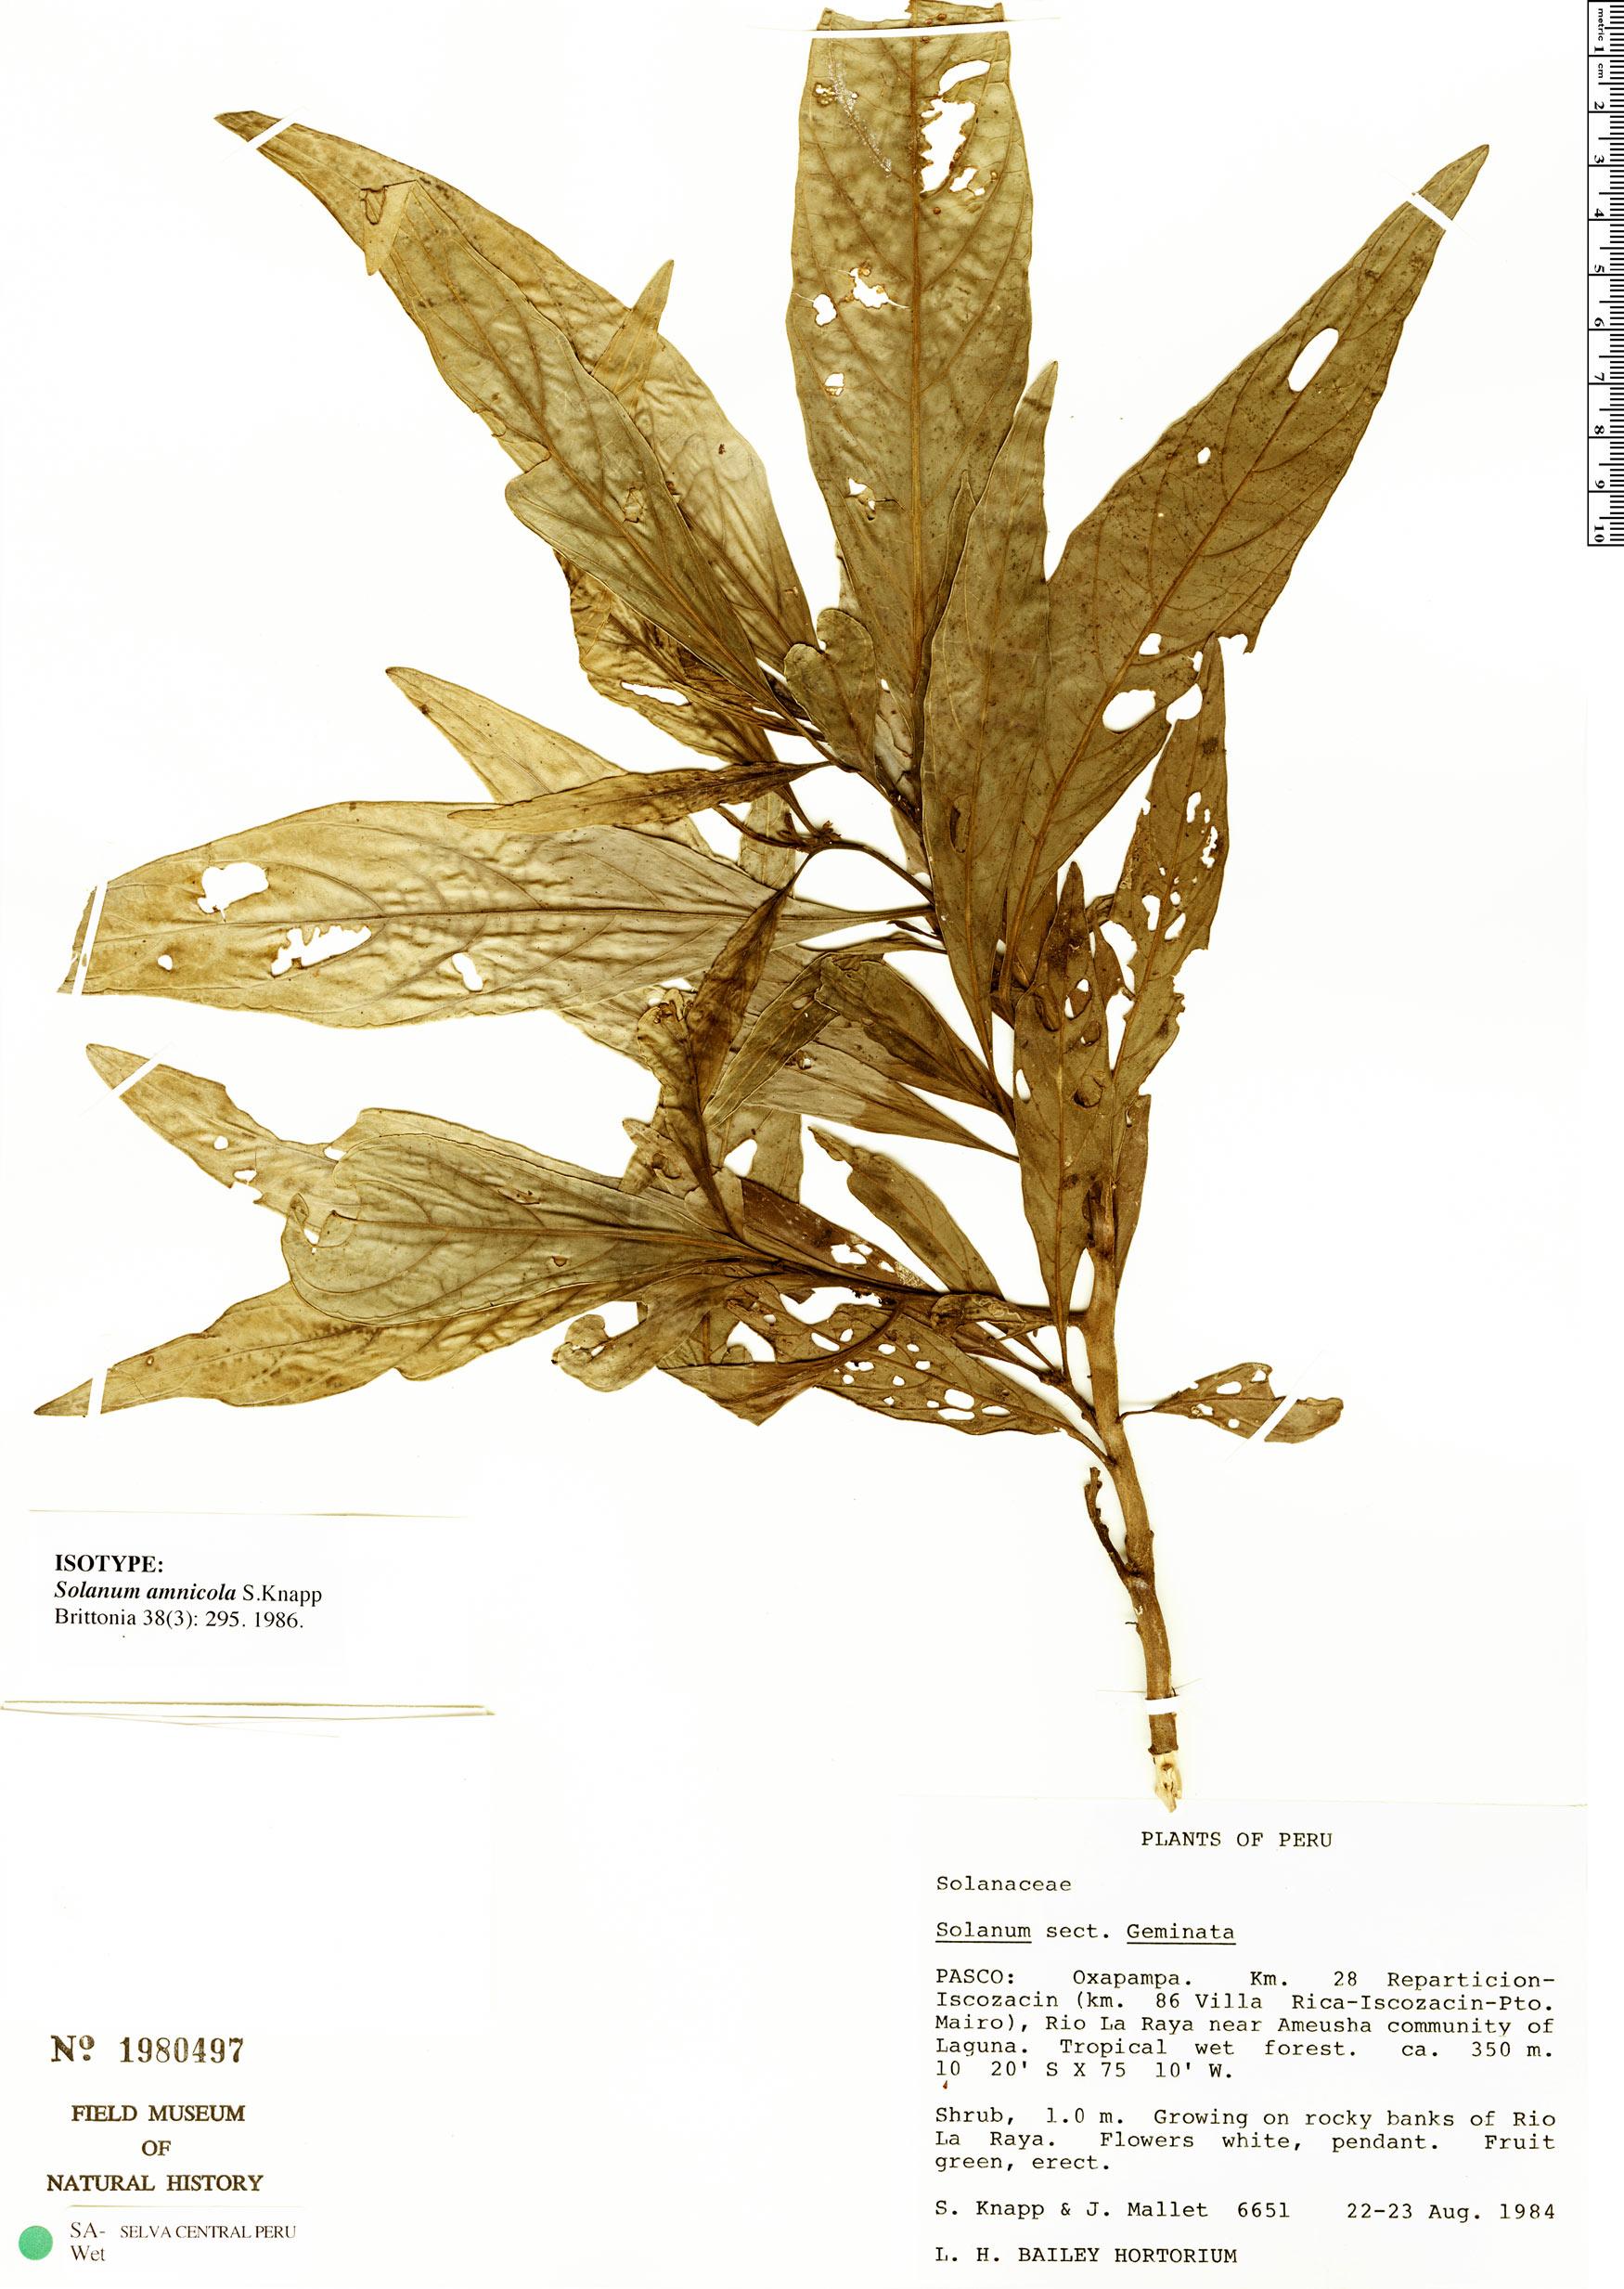 Specimen: Solanum amnicola